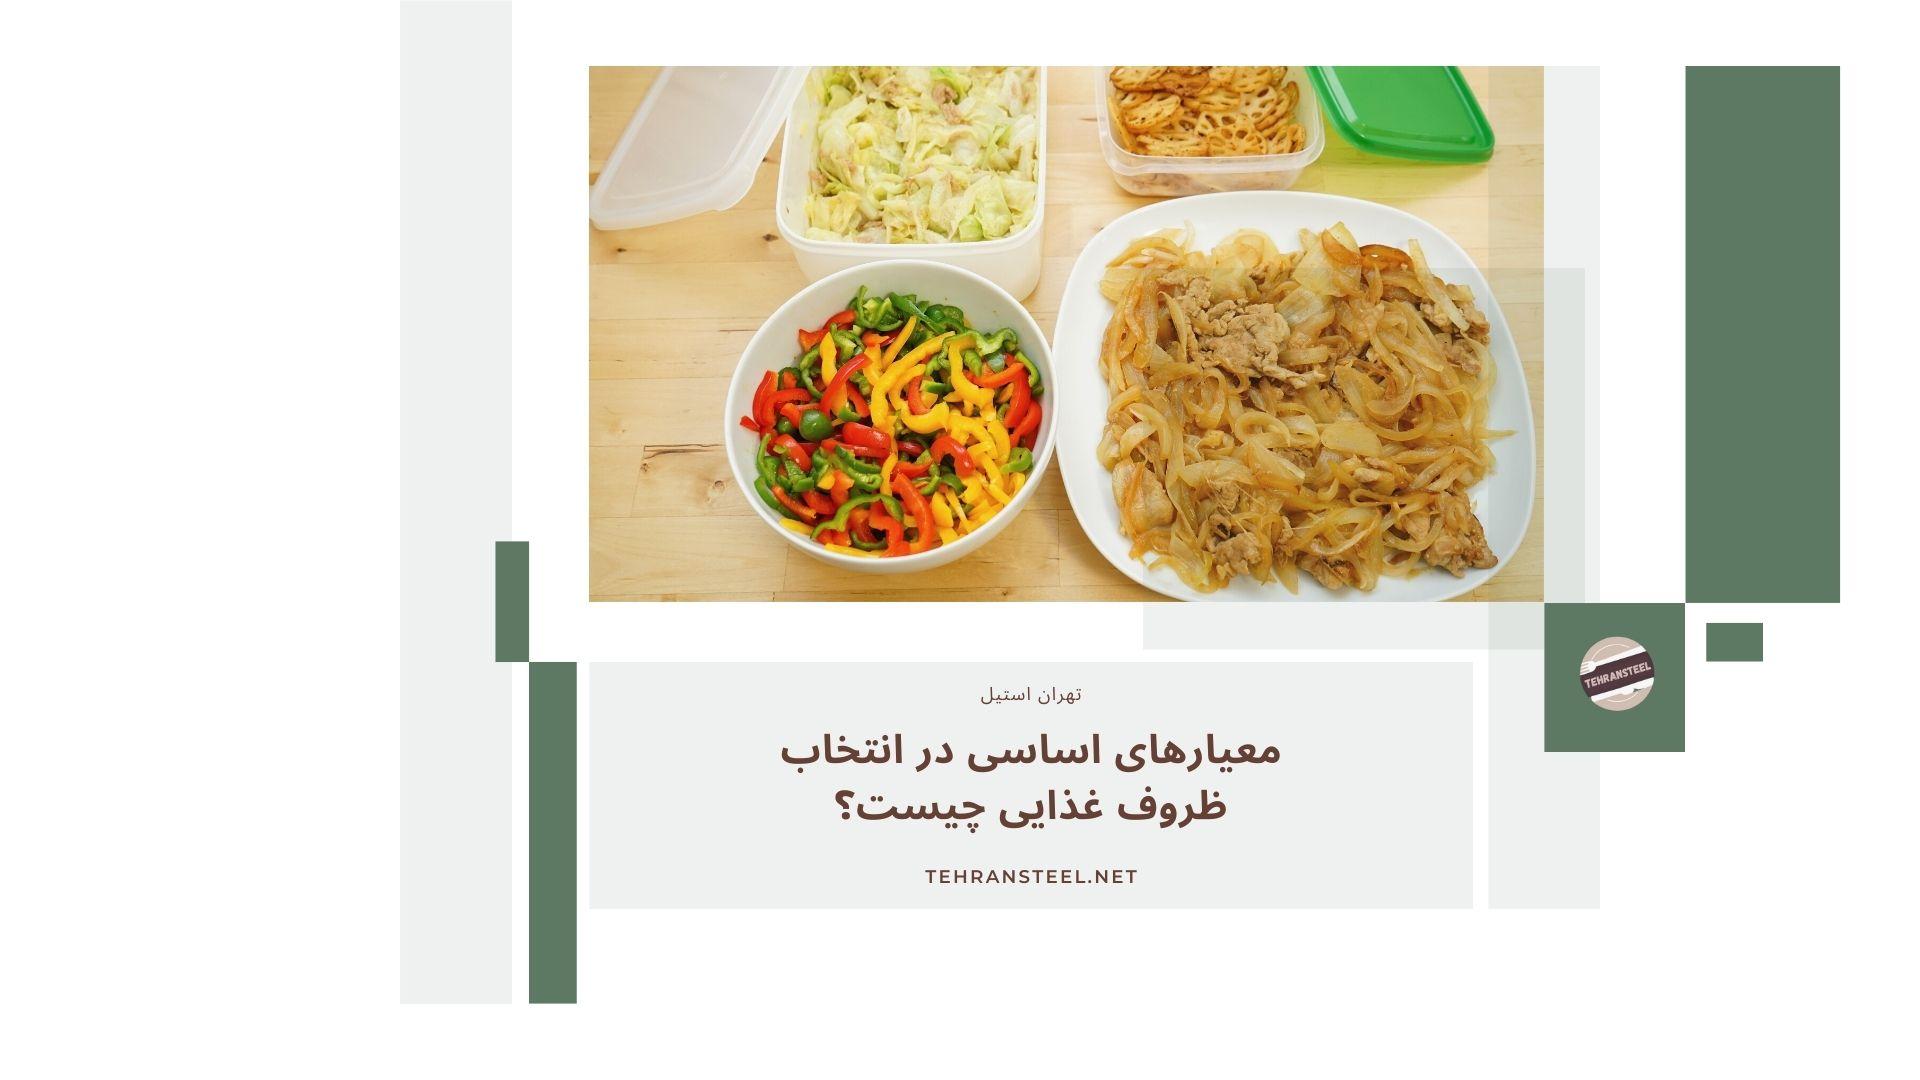 معیارهای اساسی در انتخاب ظروف غذایی چیست؟